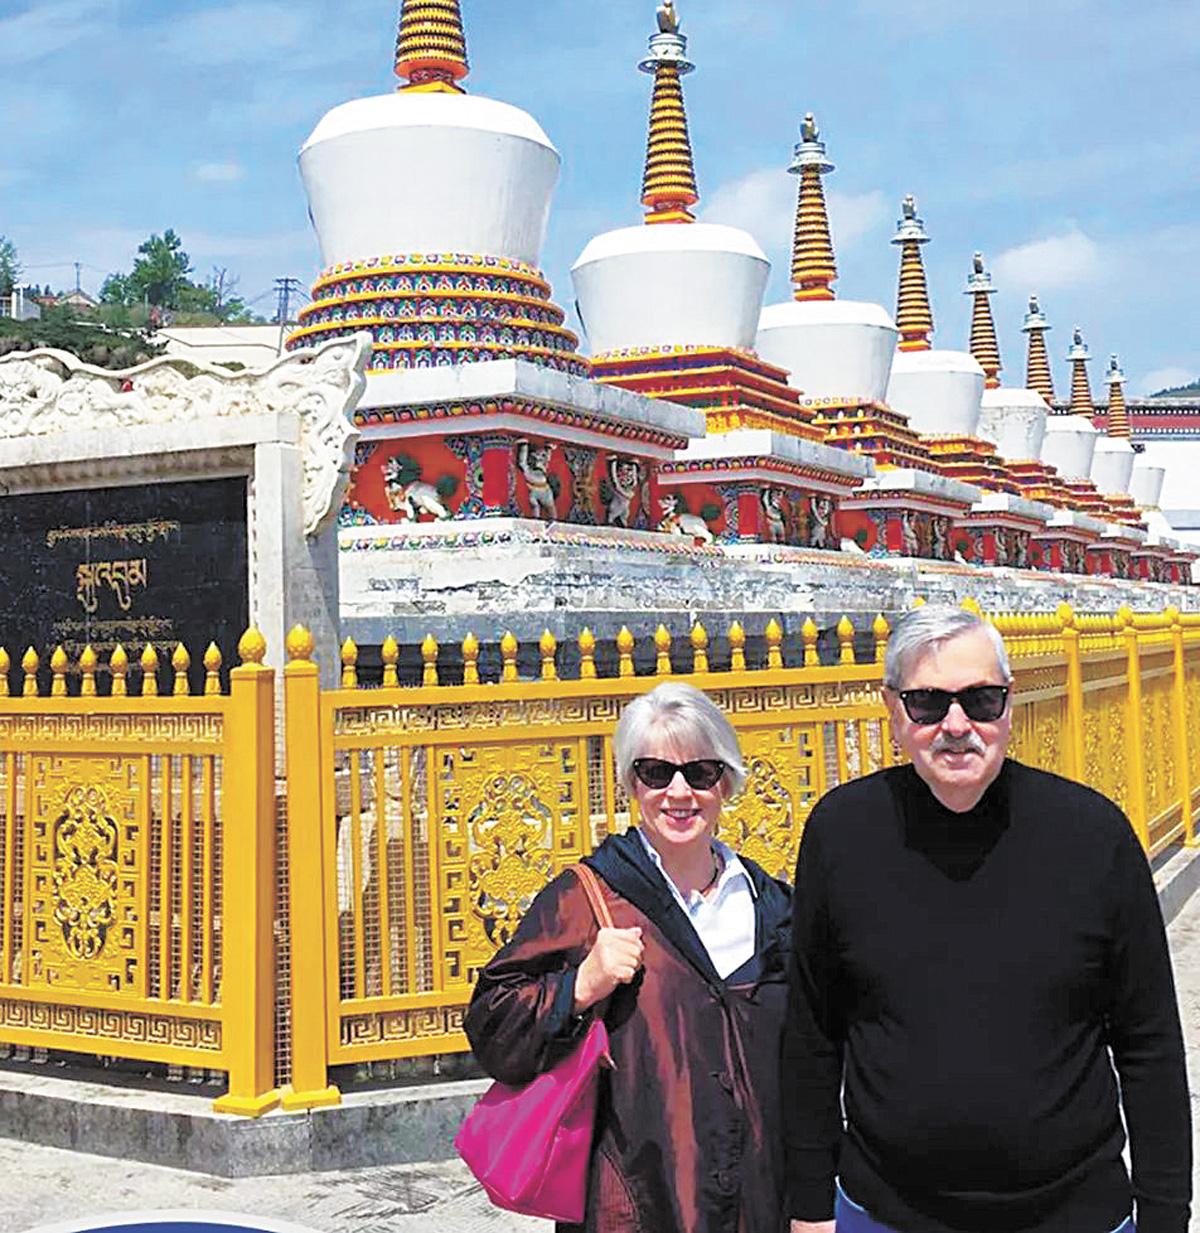 美國駐華大使和夫人參觀青海省魯沙爾鎮塔爾寺。網上圖片